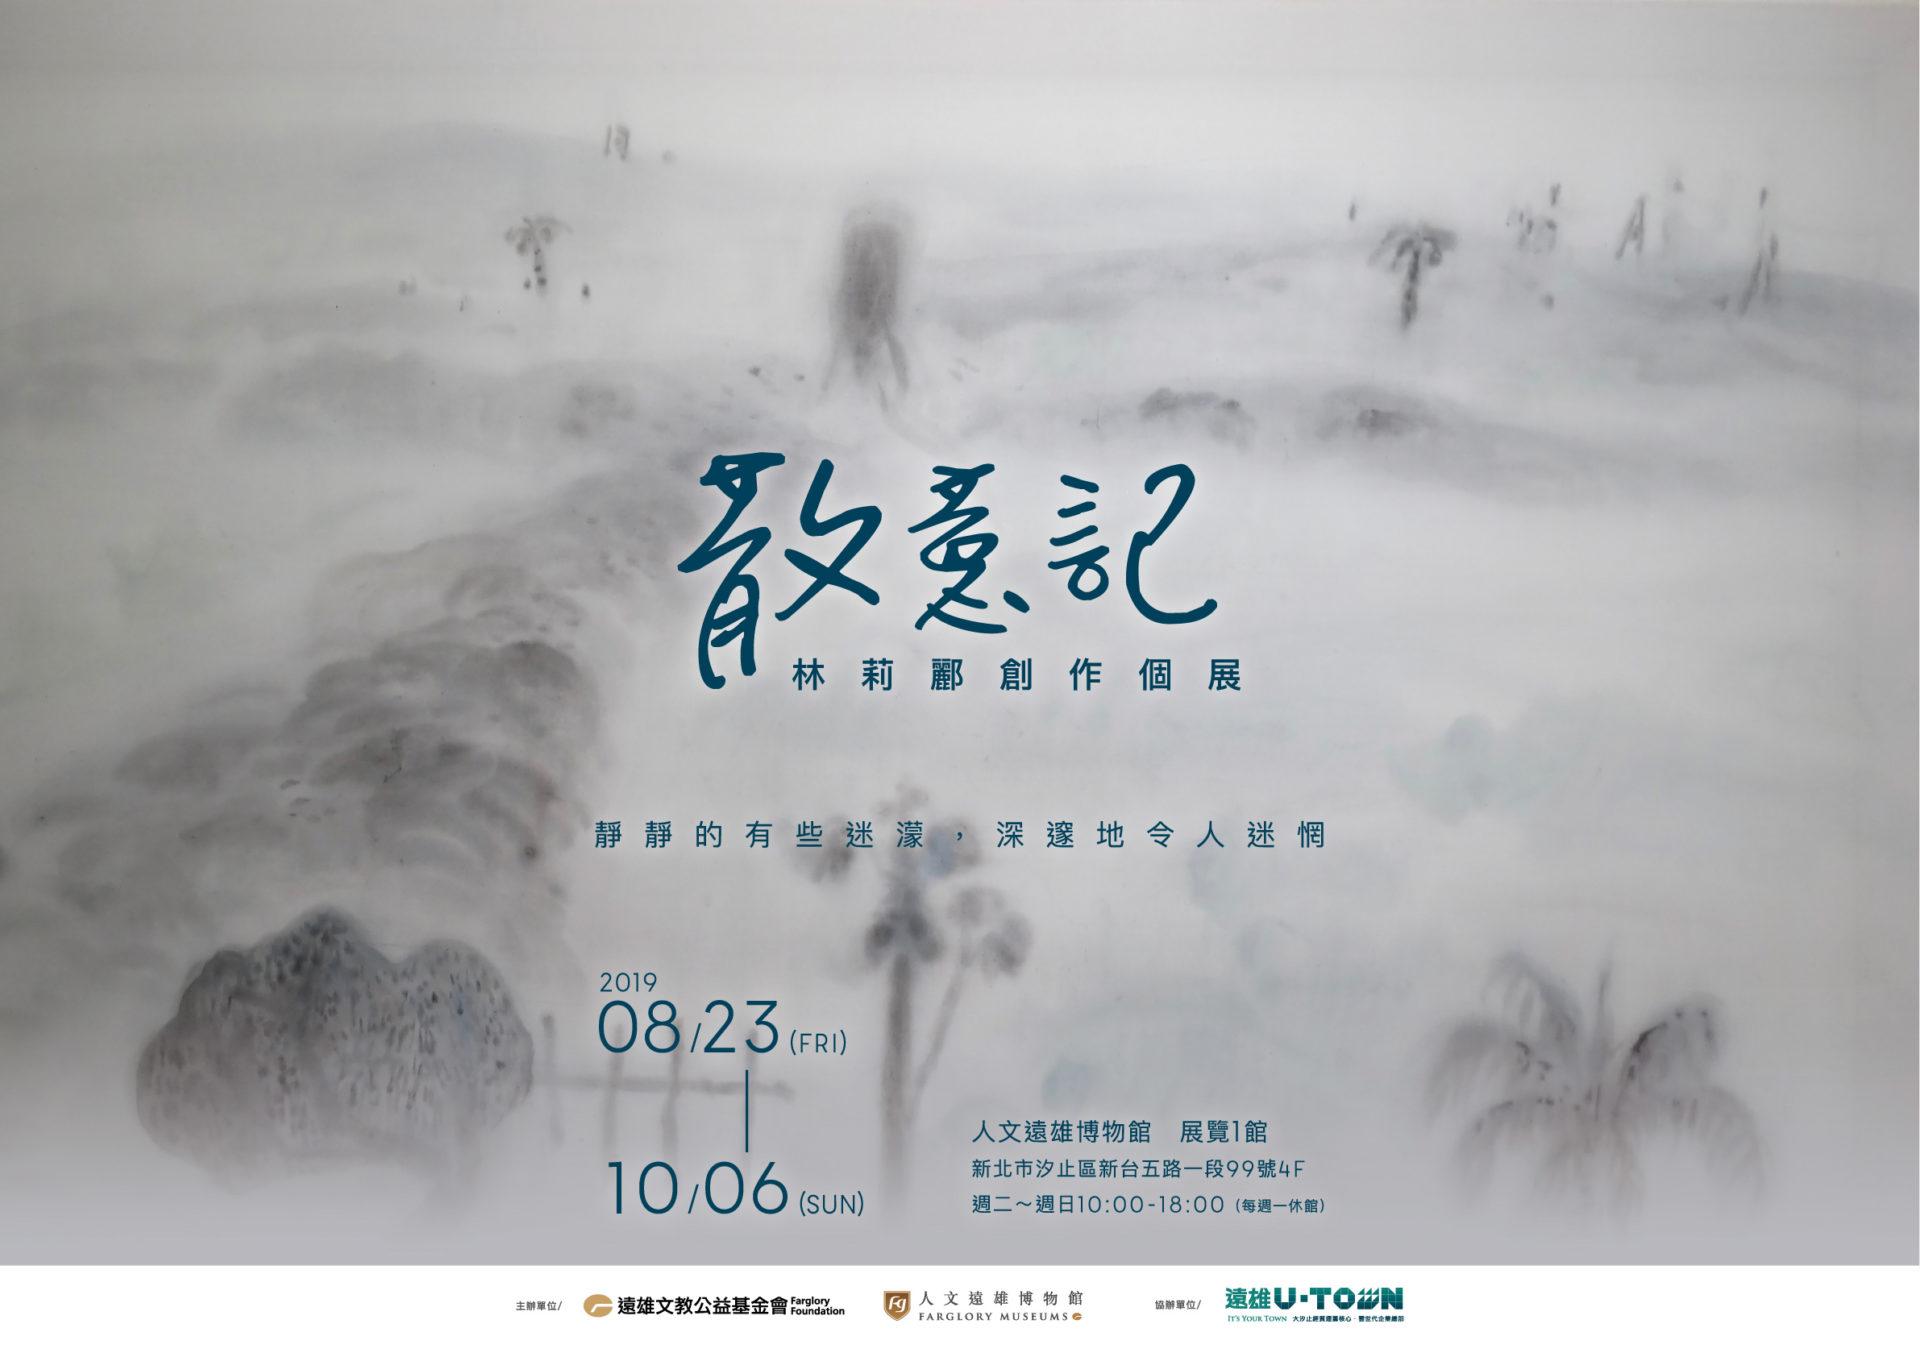 人文遠雄博物館:2019/08/23-2019/10/06 【《散意記》林莉酈創作個展】